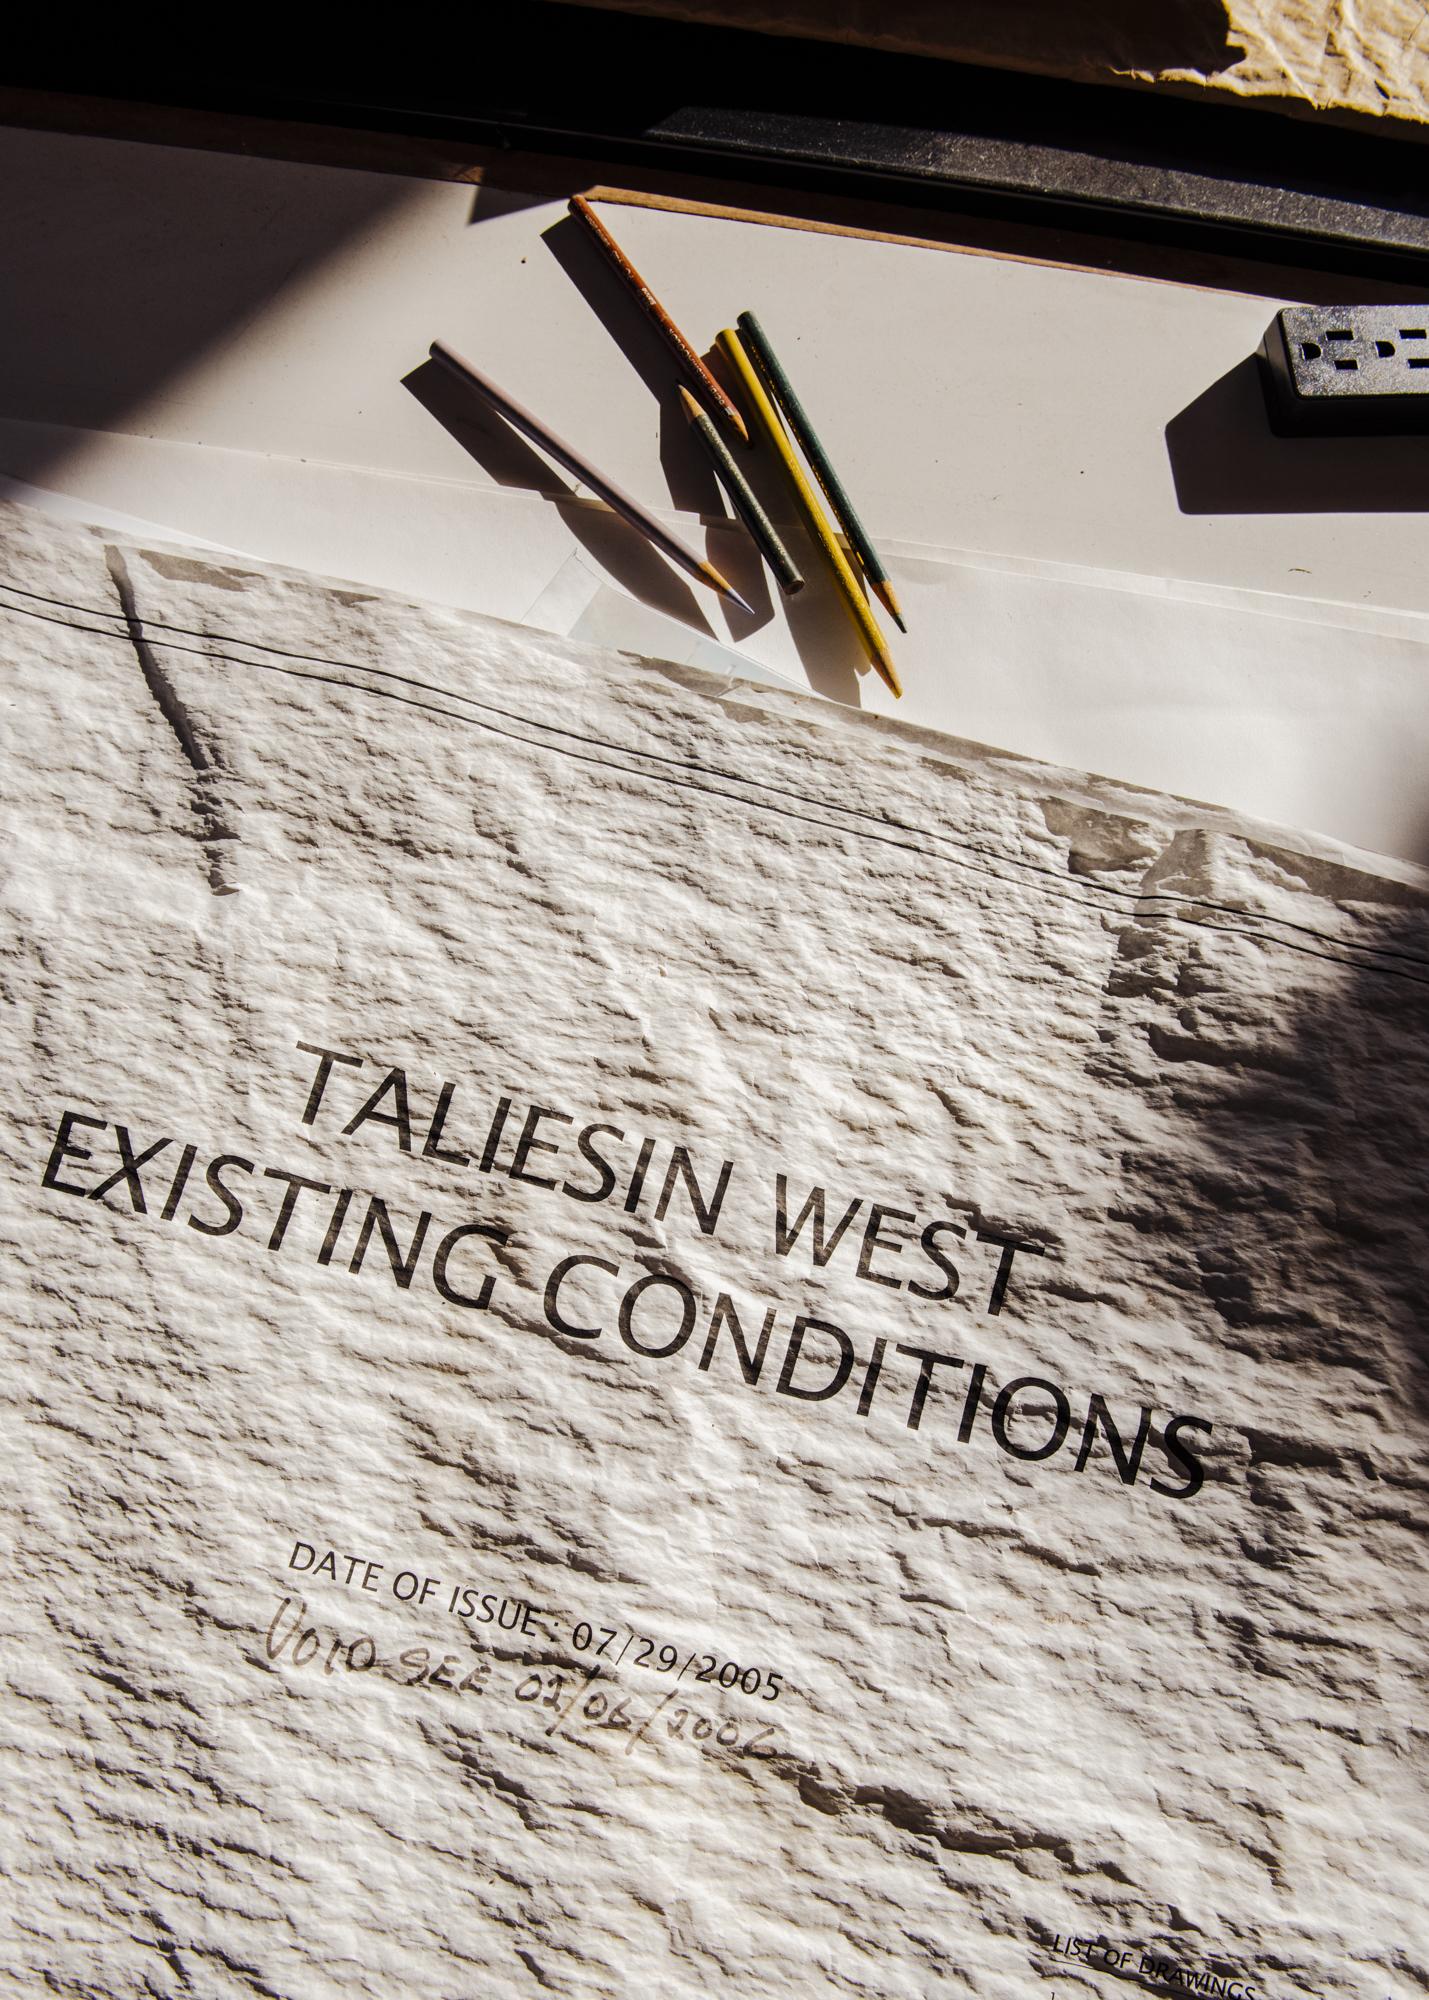 TaliesinWest_0633